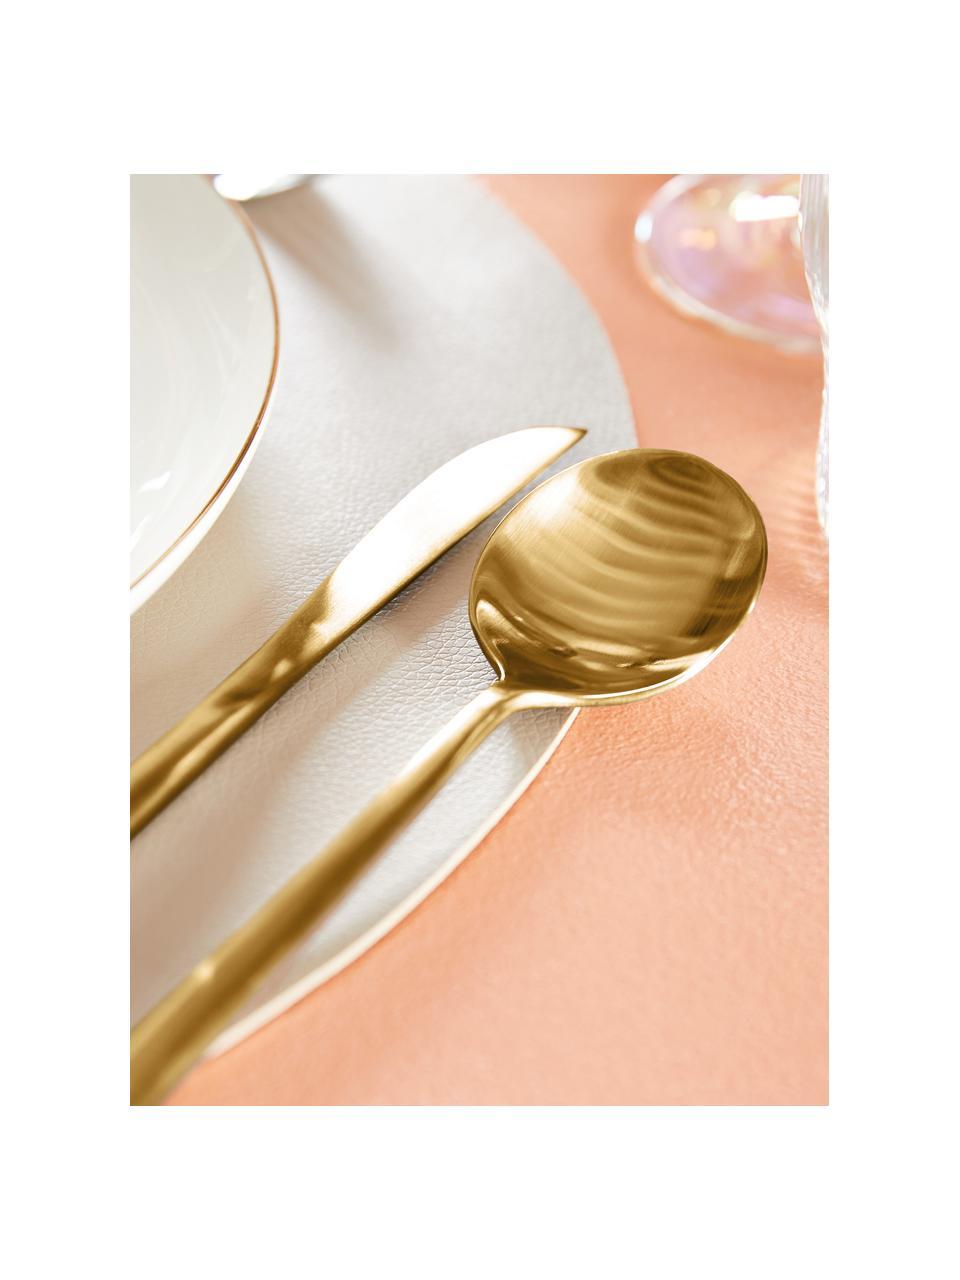 Goudkleurige bestekset Shimmer van edelstaal, in verschillende setgroottes, Goudkleurig, 4 personen (20-delig)